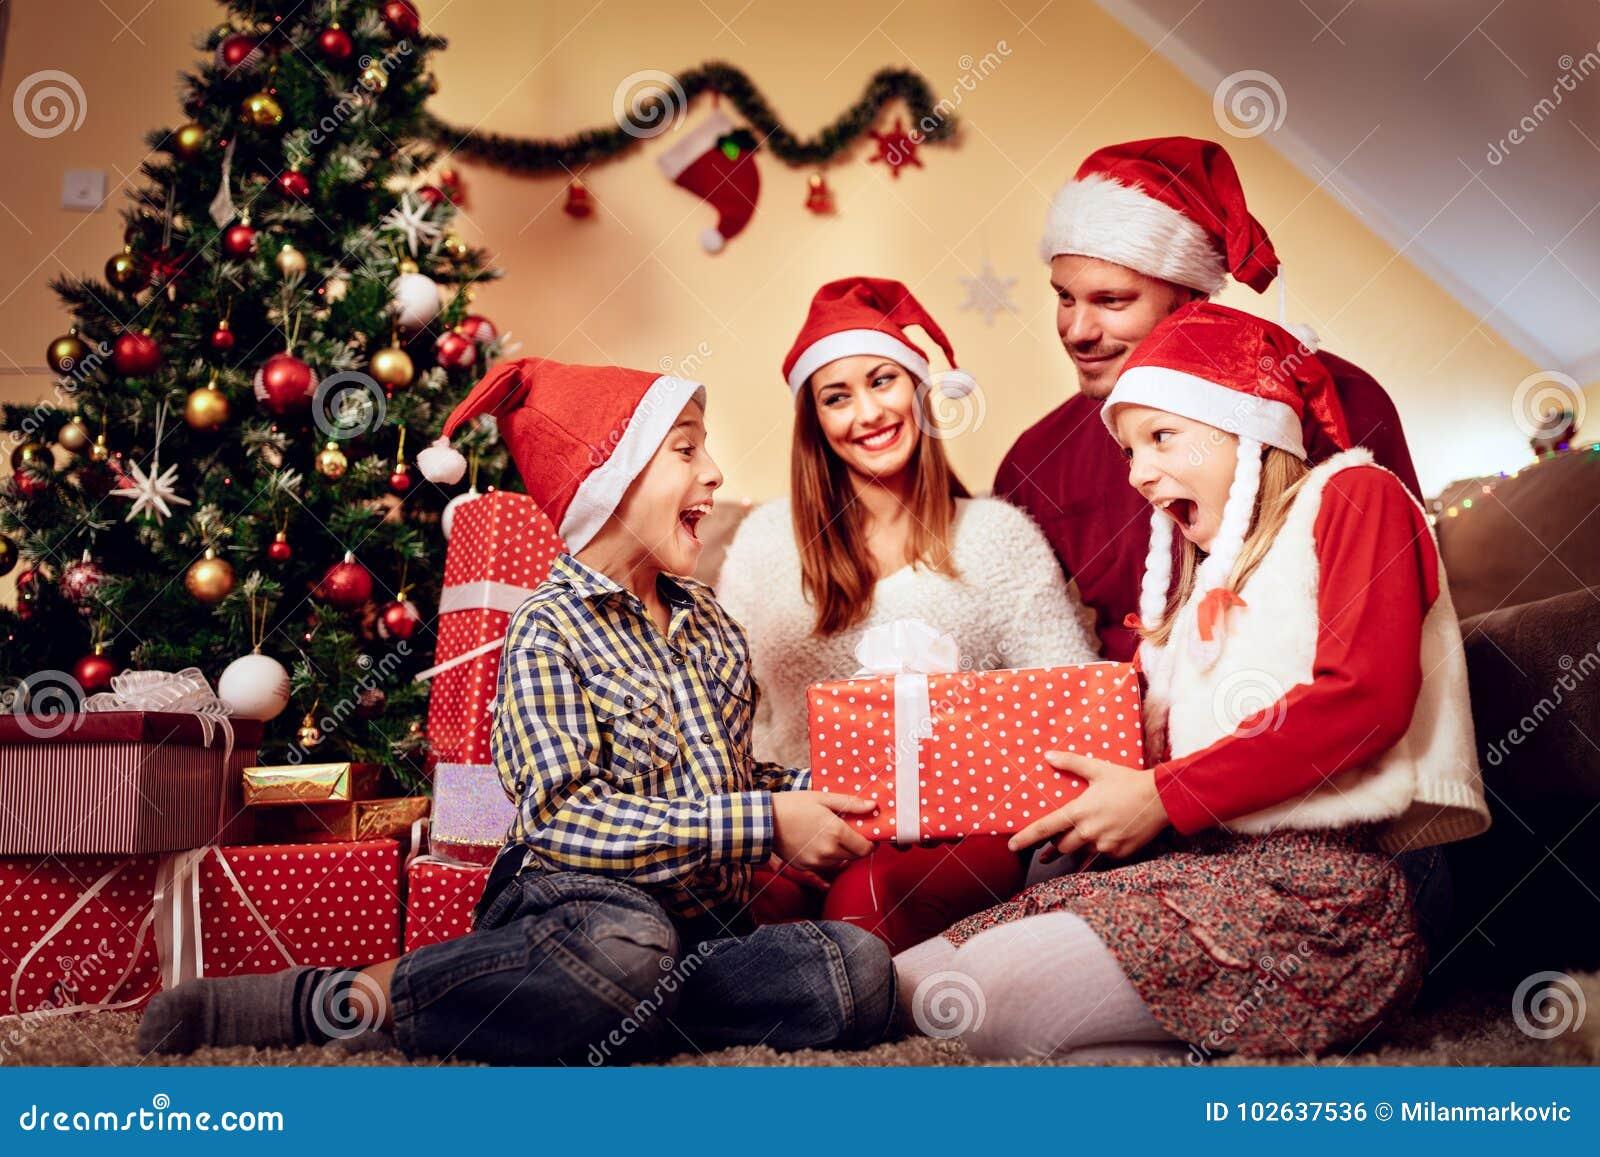 Regali Di Natale Per Mia Sorella.Sorpresa Per Mia Sorella Fotografia Stock Immagine Di Bello 102637536